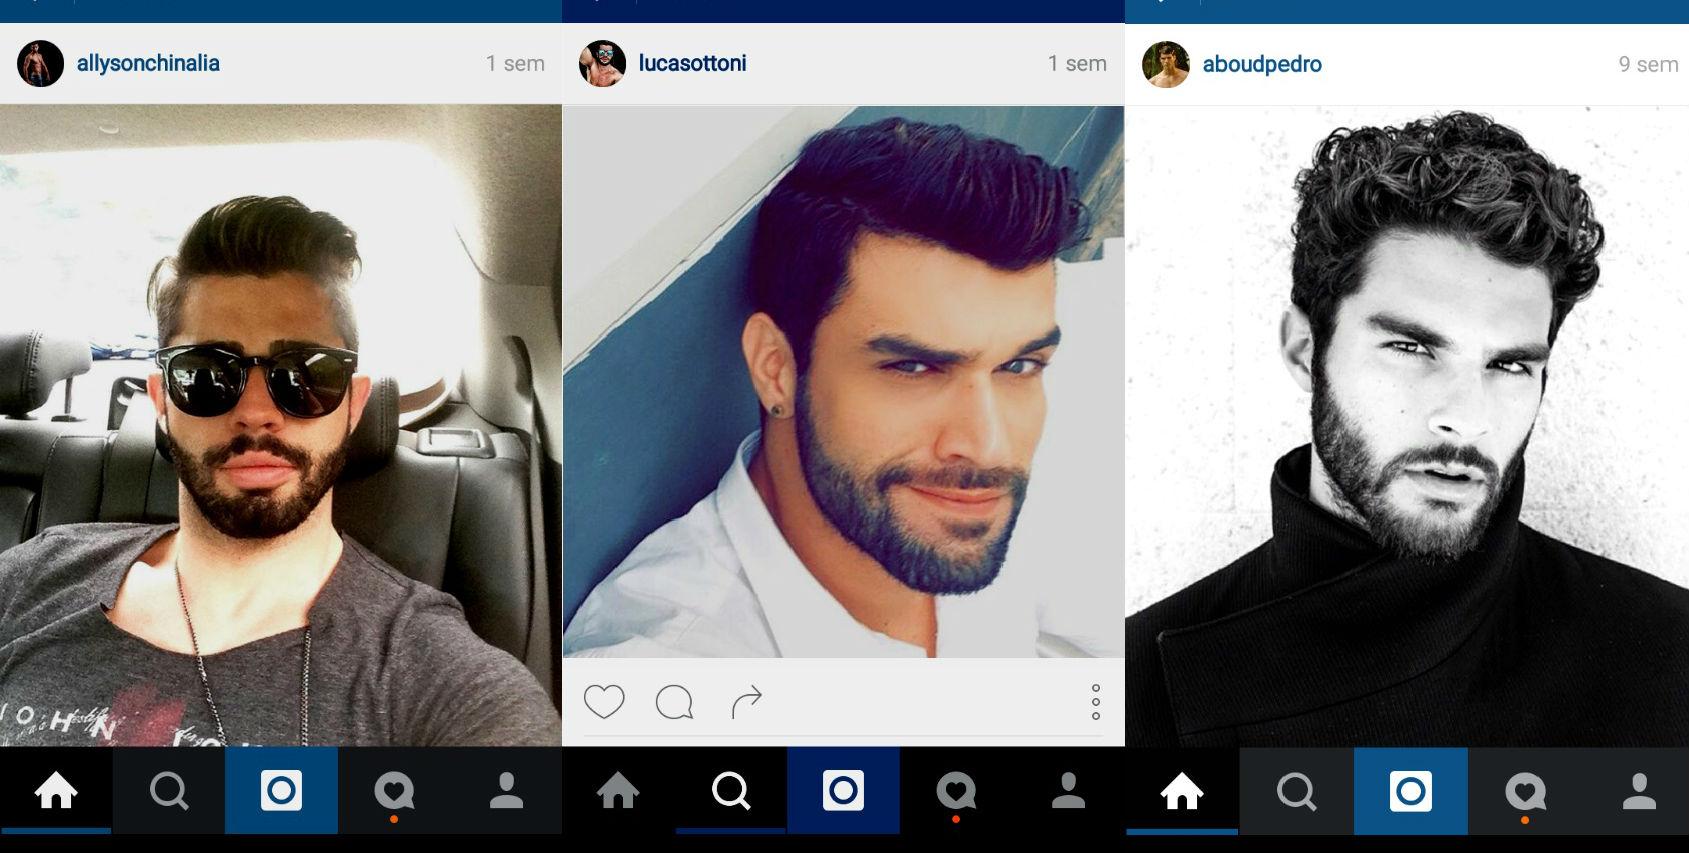 Homem No Espelho - cabelos do Instagram 6.